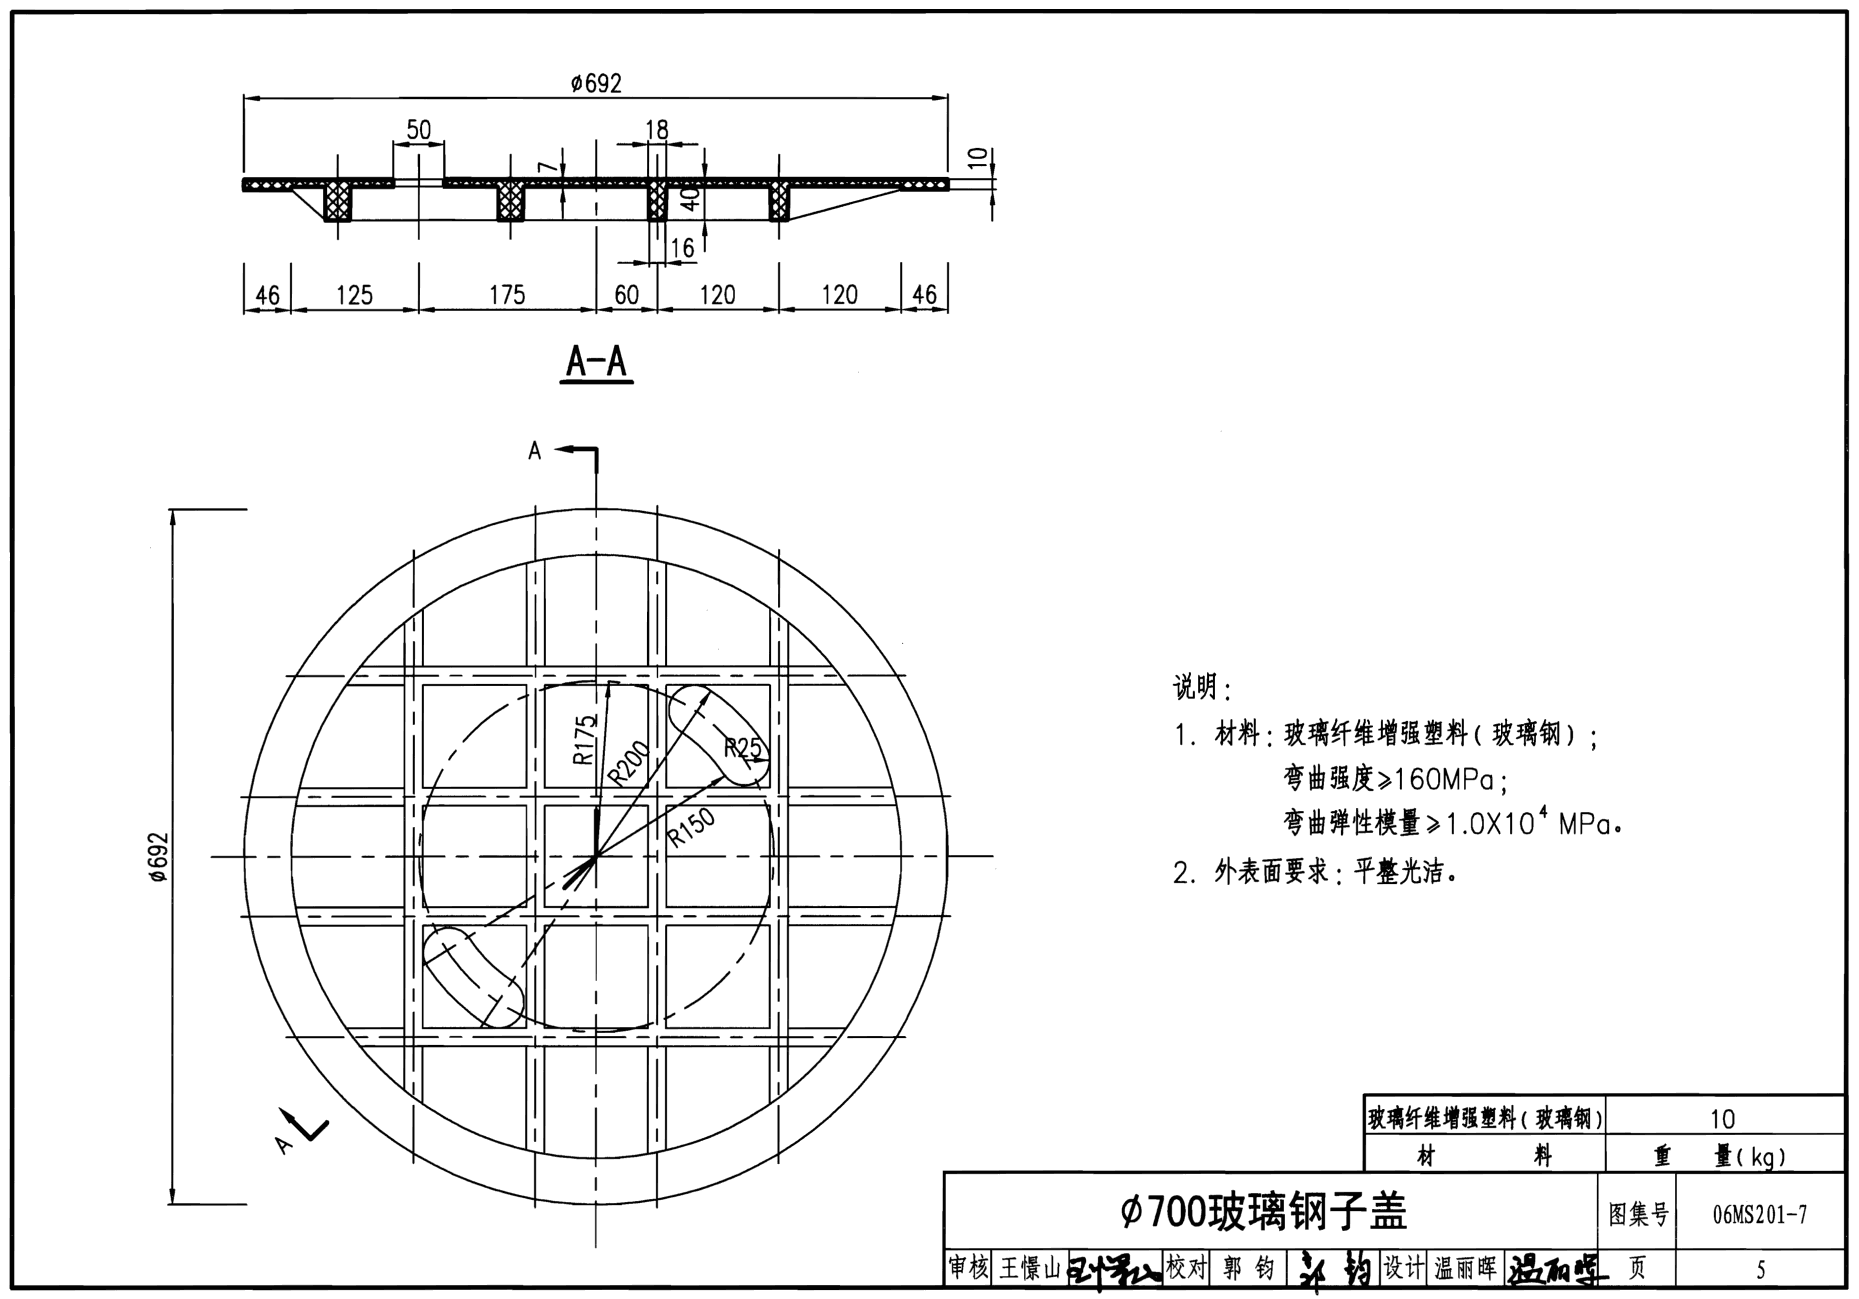 圆形市政广场平面图